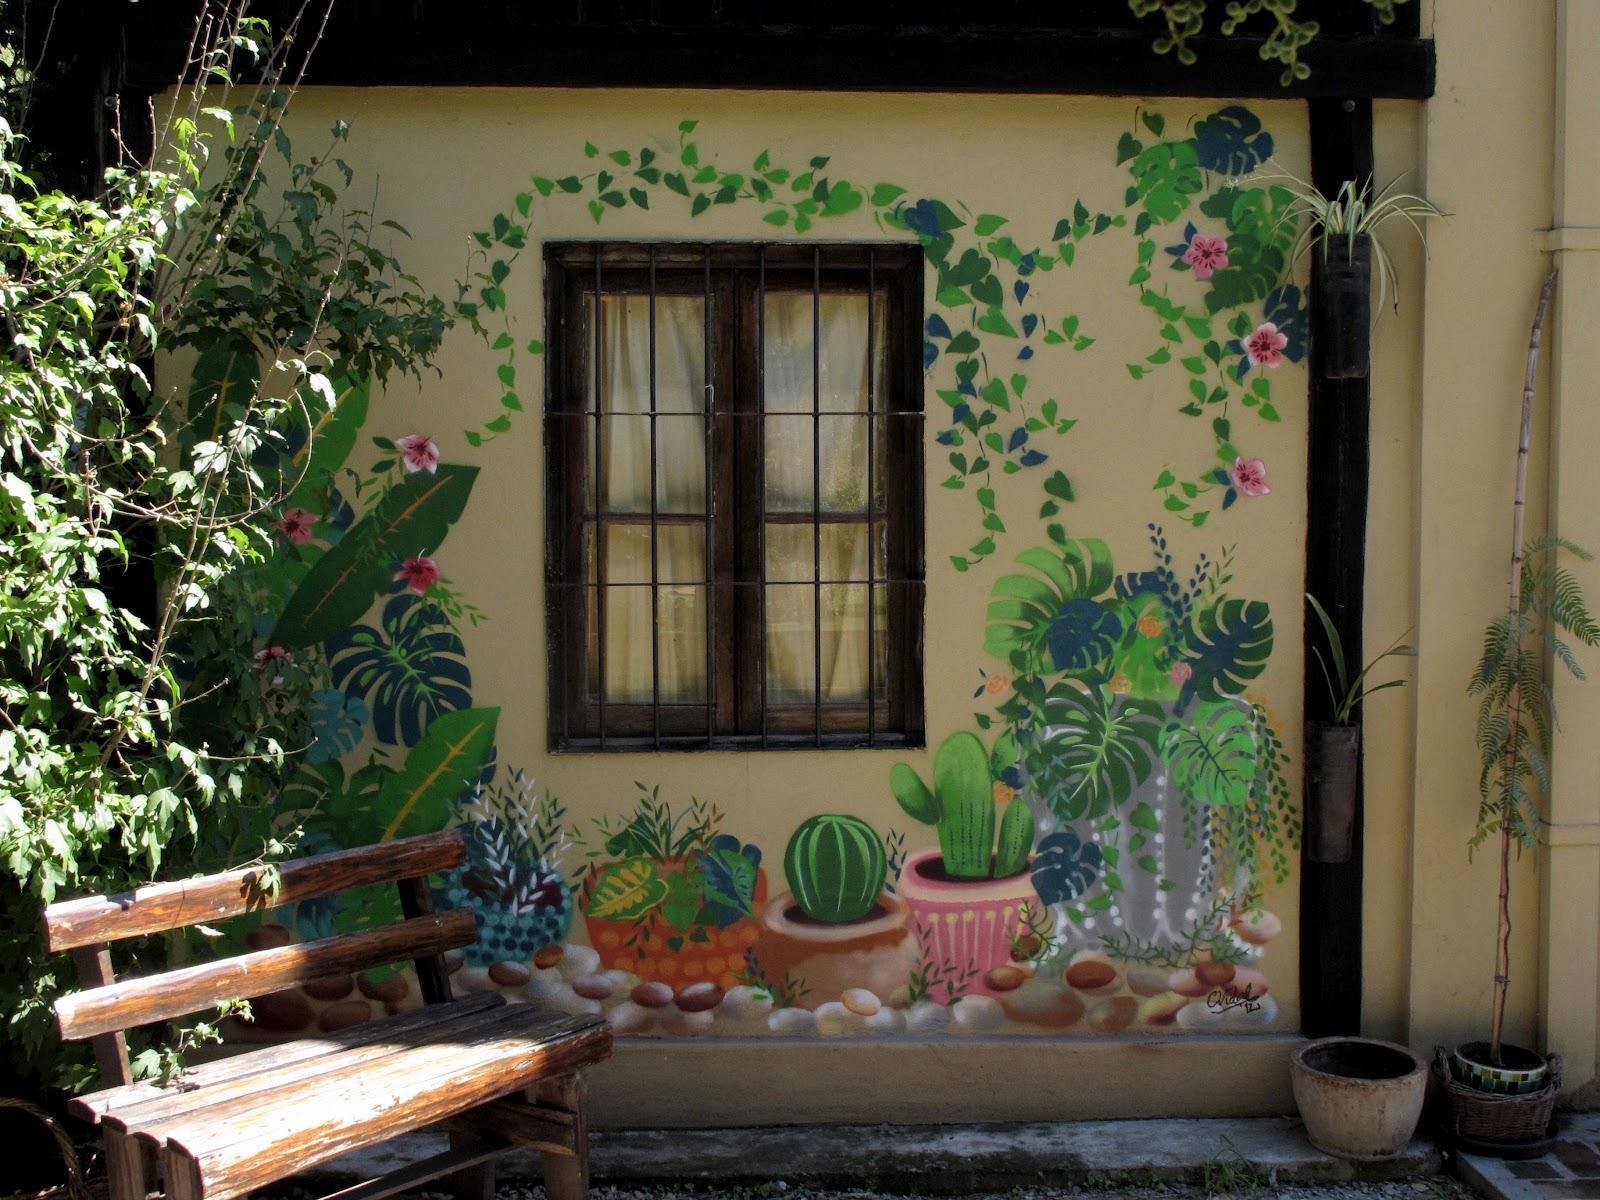 Mural Al Aire Libre Una Galeria En Benavidez Las Vidalas